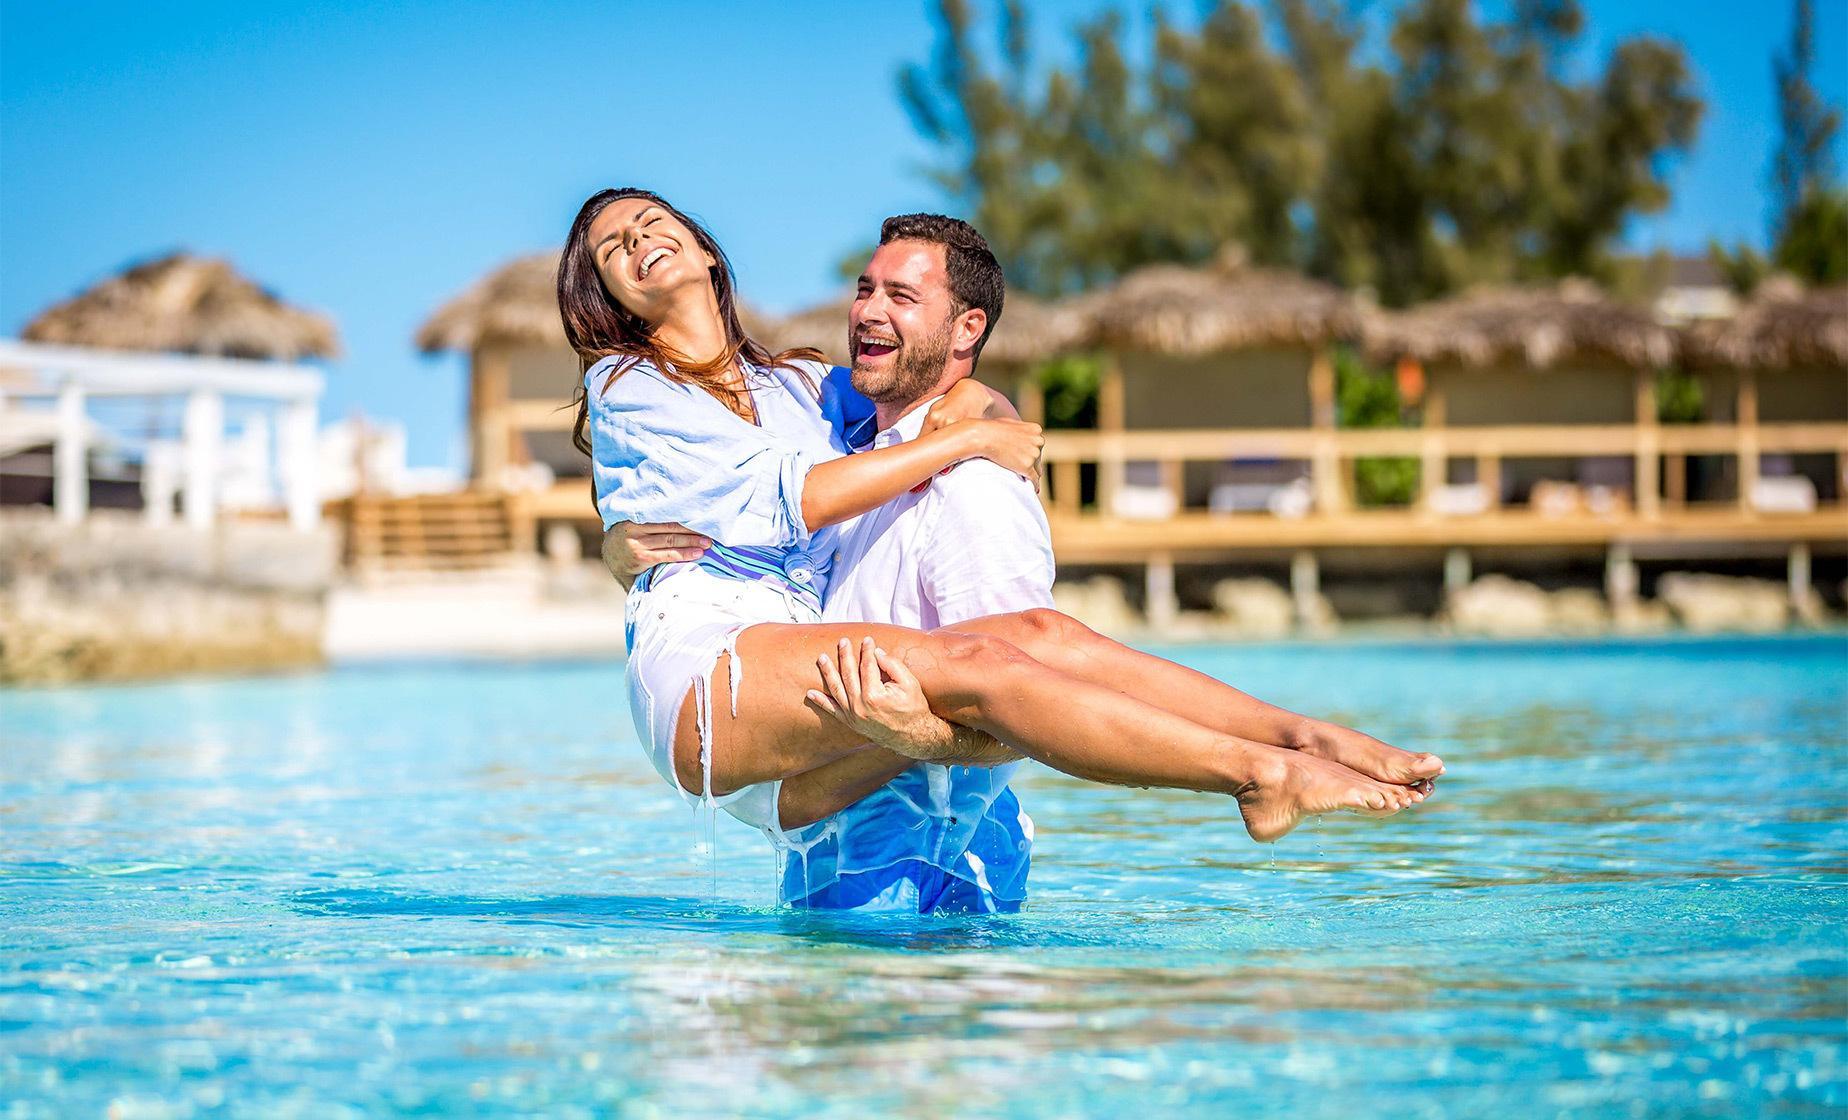 The 10 Best Nassau Excursions & Tours - Book a Nassau Shore